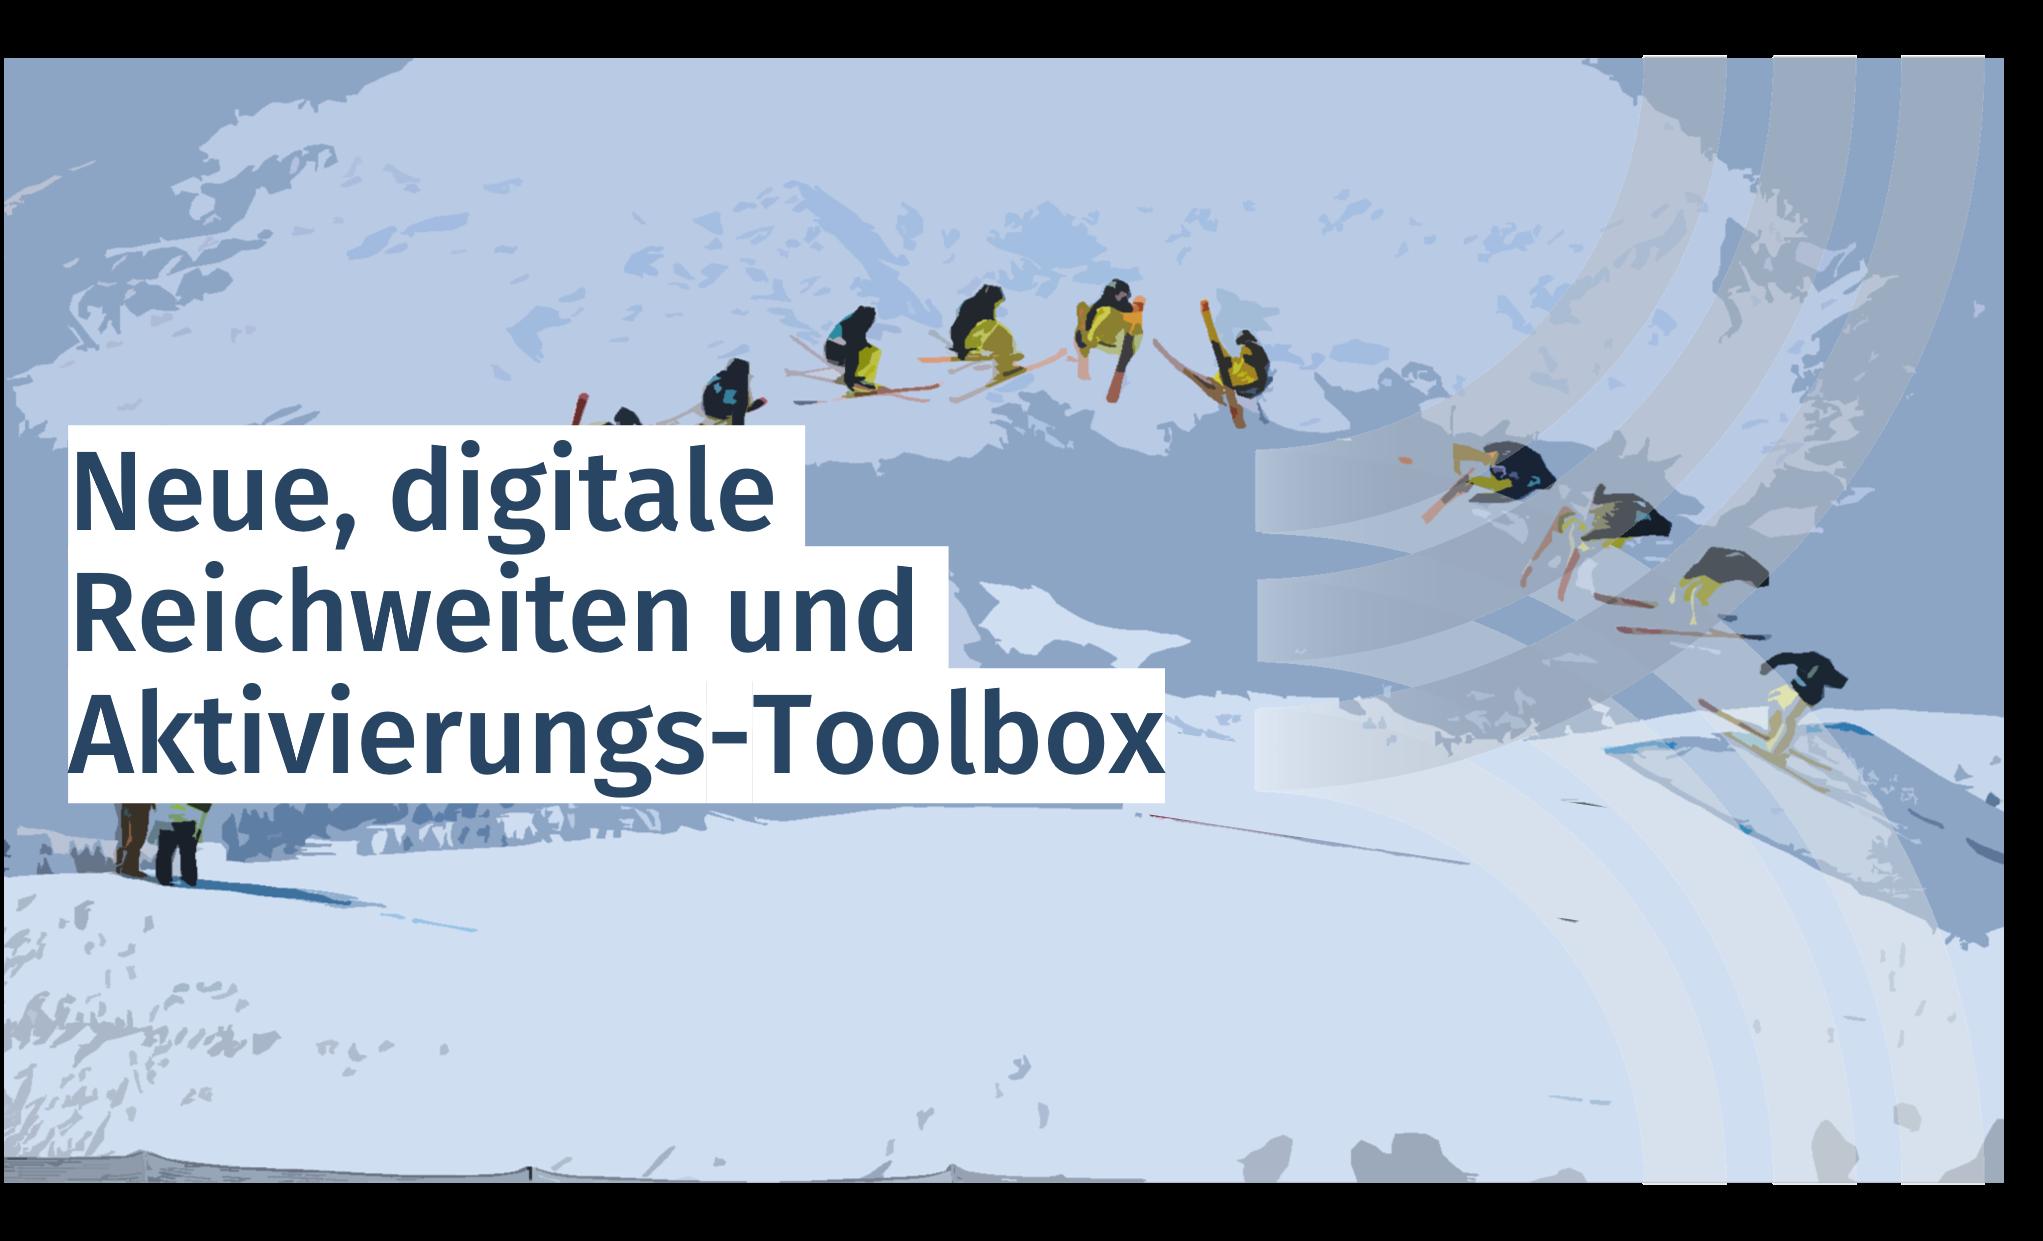 Neue, digitale Reichweiten und Aktivierungs-Toolbox